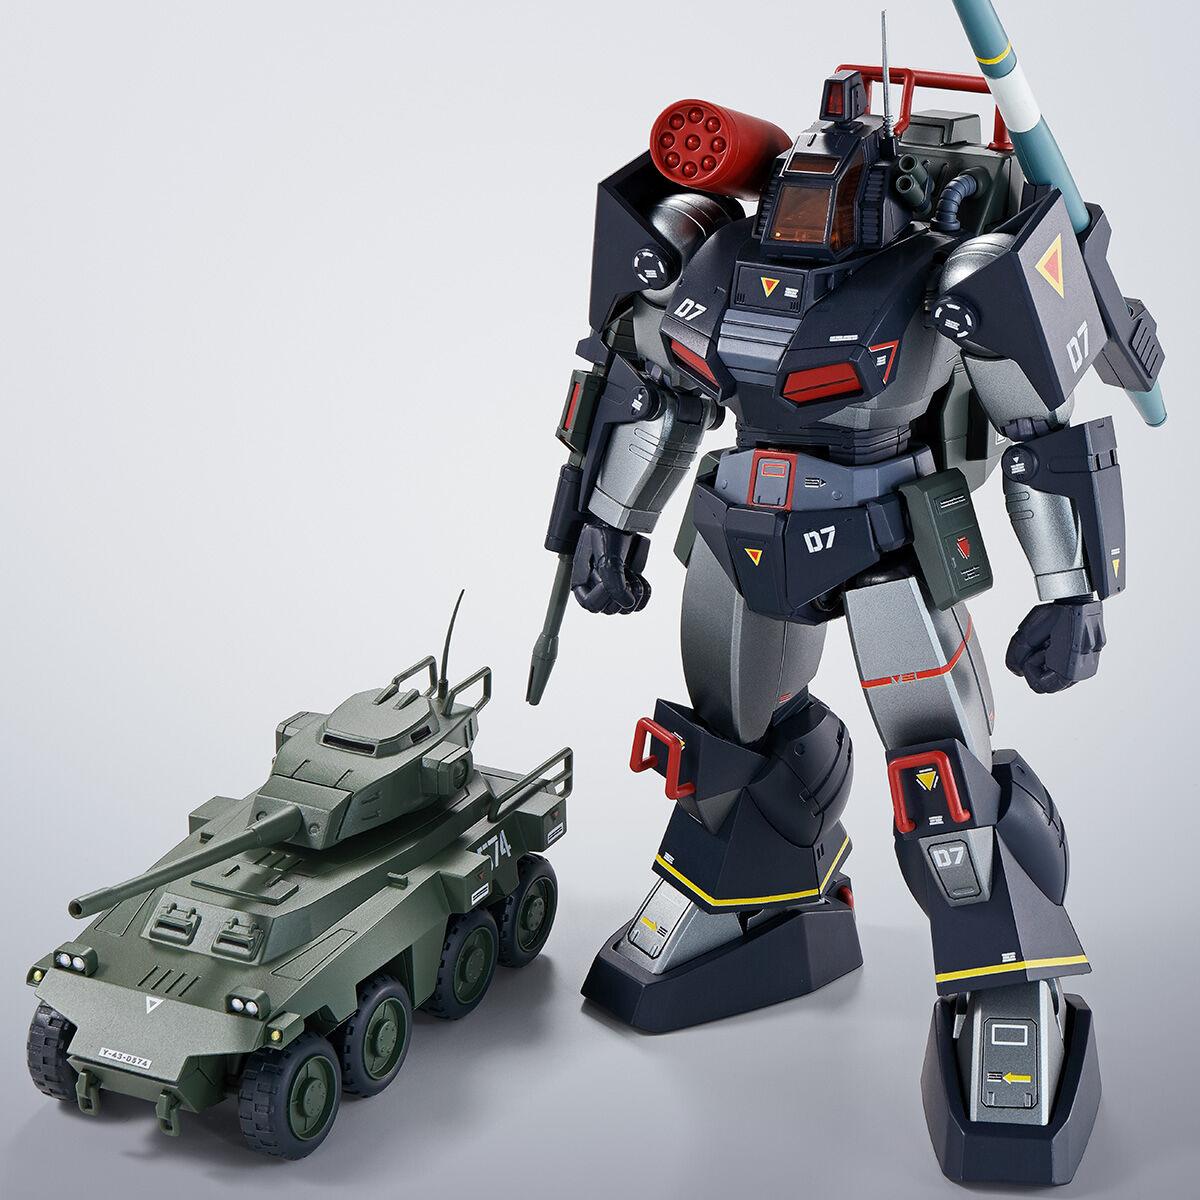 【限定販売】HI-METAL R『ダグラム & インステッド 40th Anniv.』太陽の牙ダグラム 可動フィギュア-001